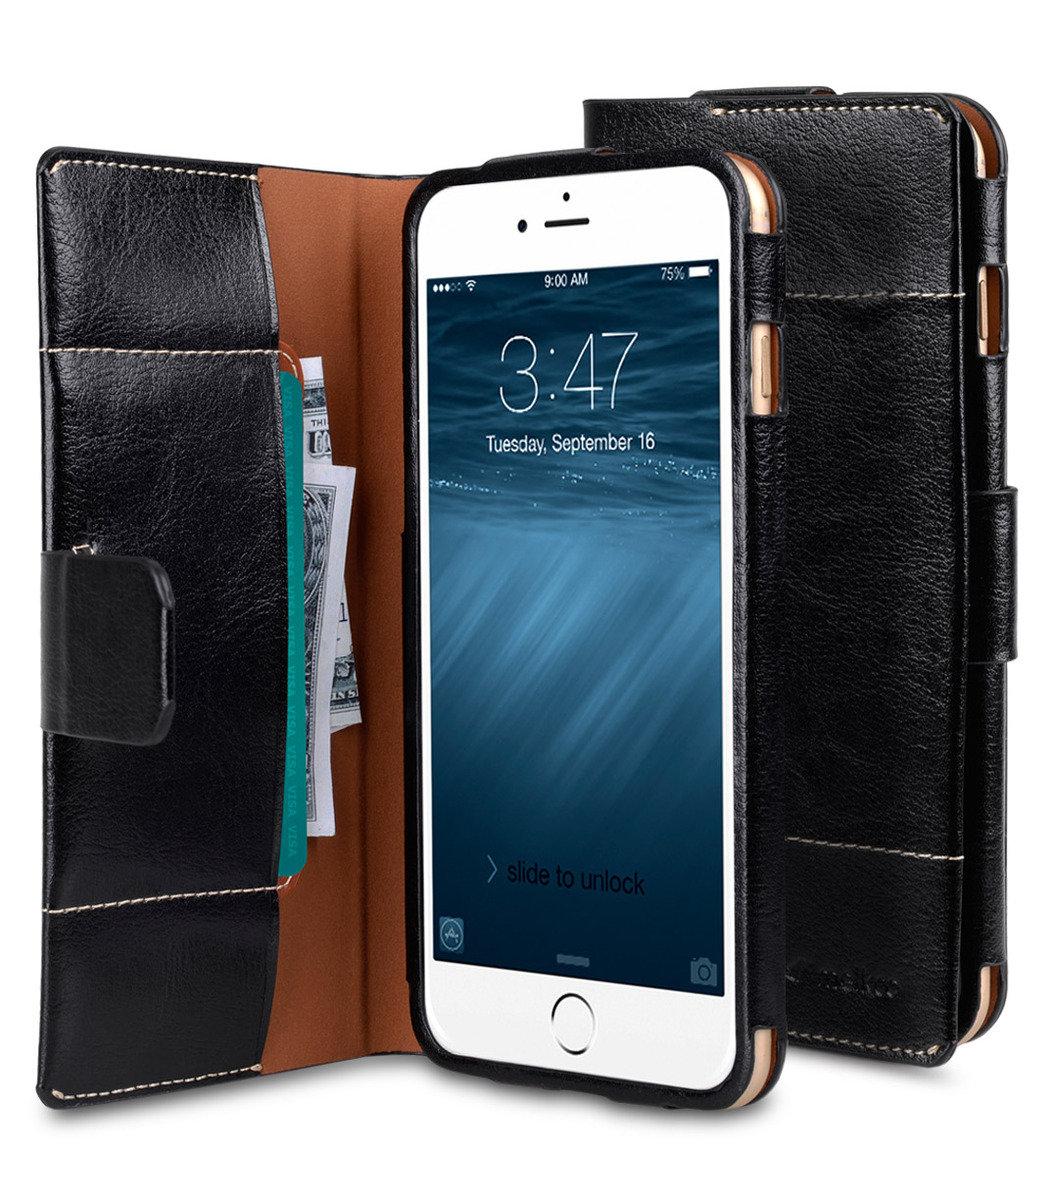 Apple iPhone 6S Plus Tera Cotto高級真皮革手機套 - 黑色